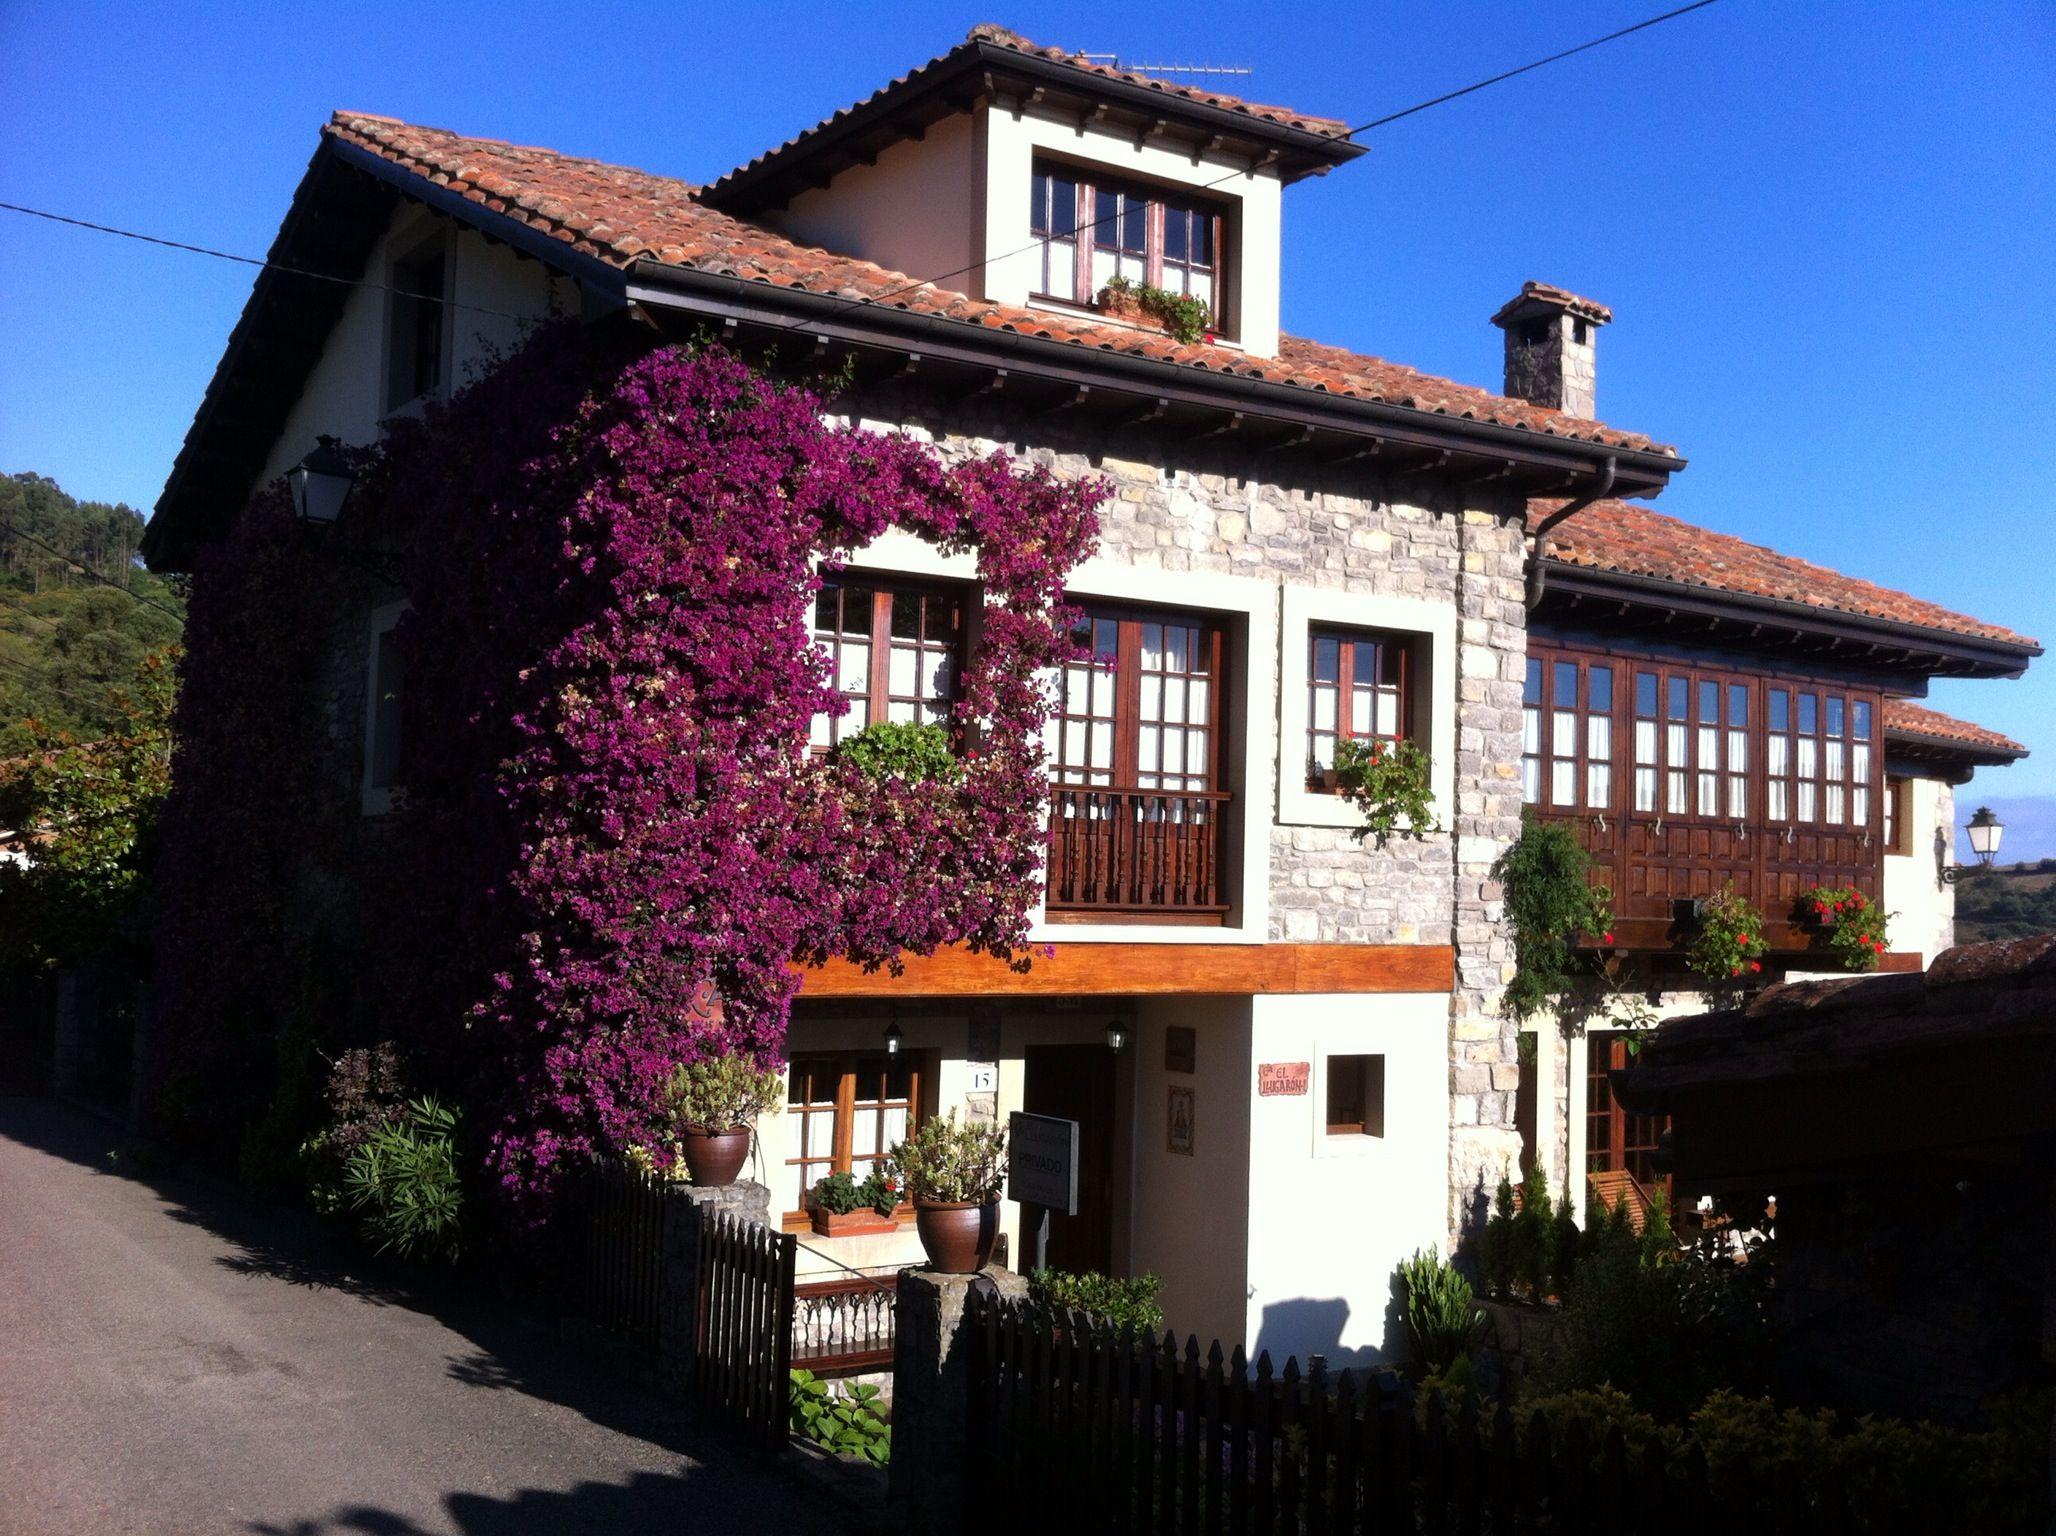 Llugaron villaviciosa asturias maravillosa casa rural lugares y sitios que me gustan - Casas con encanto asturias ...